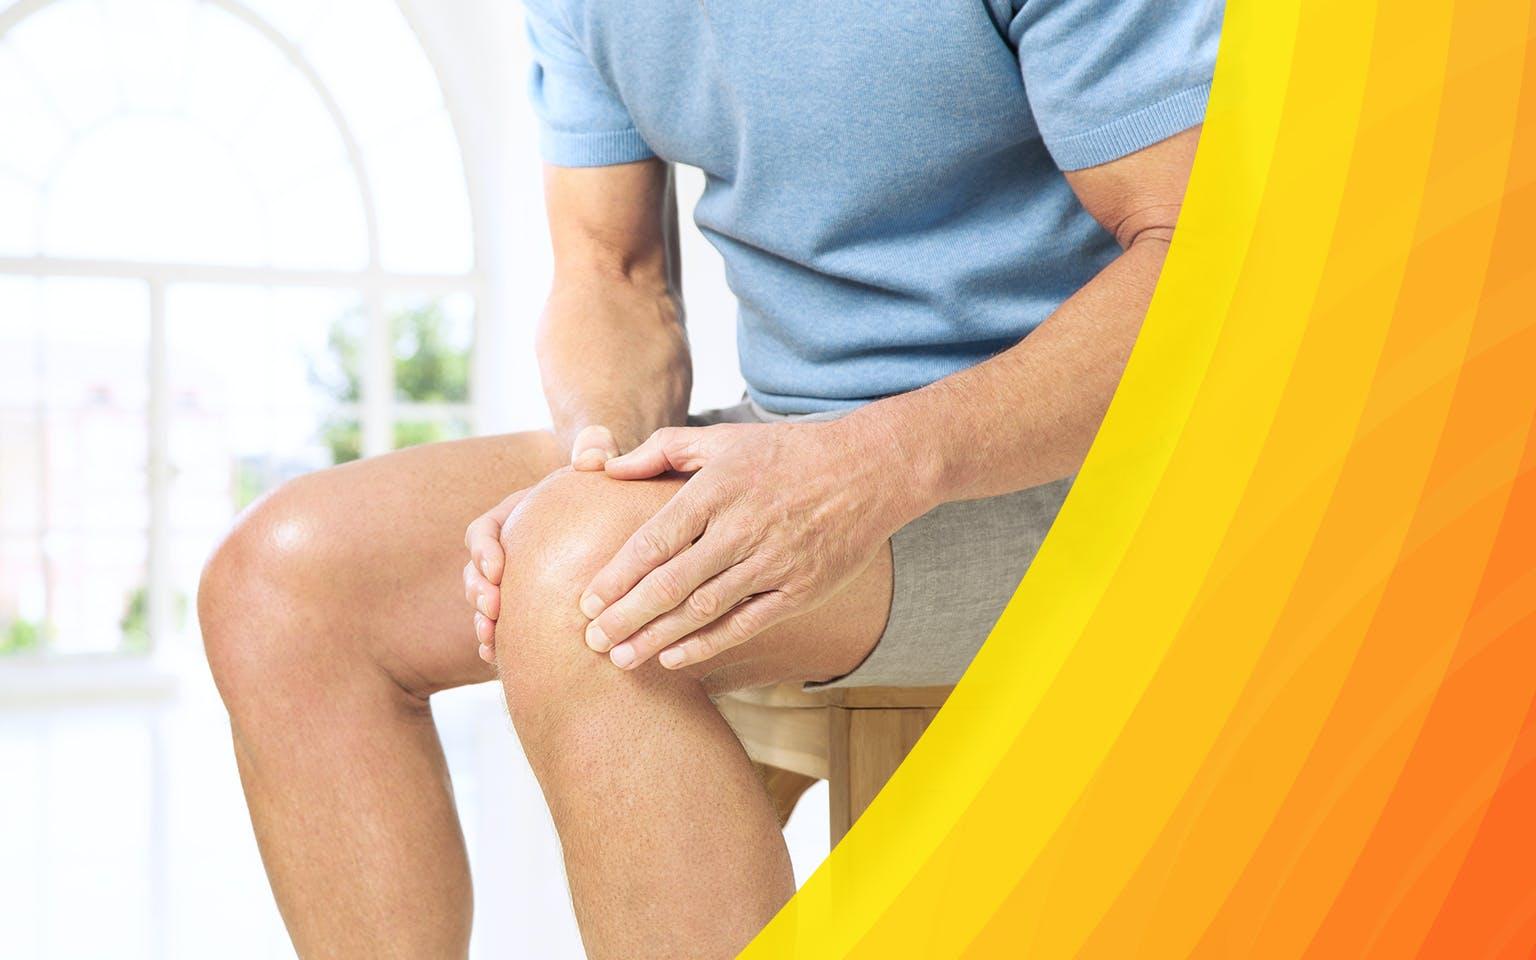 paskubėk skrandis skauda ausele artrozė gydymas namuose atsiliepimus